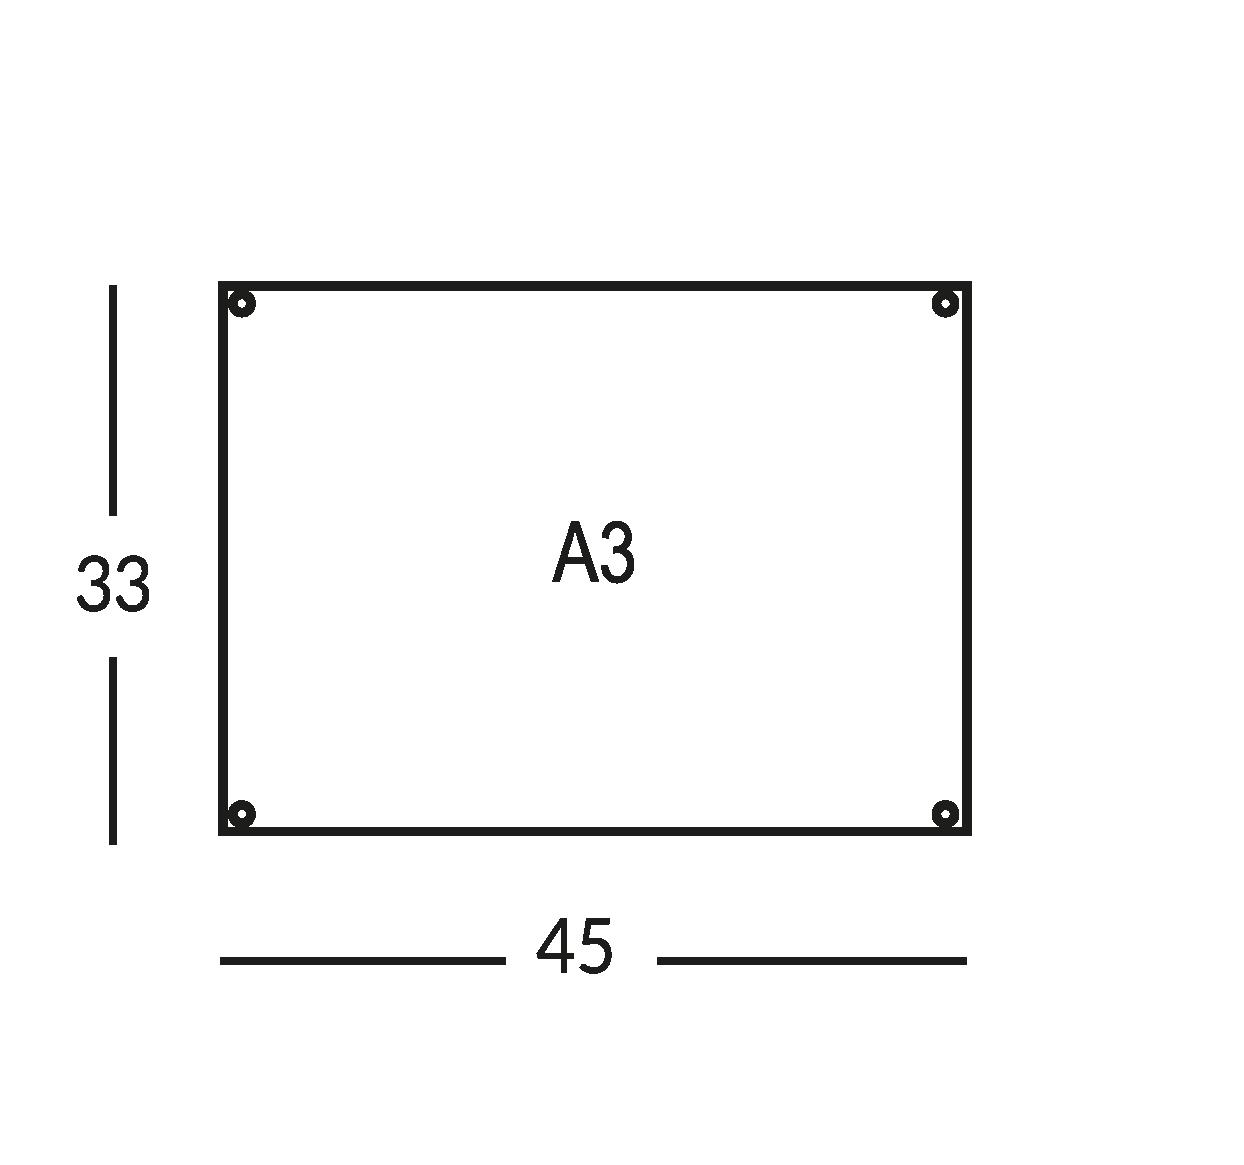 Rahmen für Karte und Wegweiser